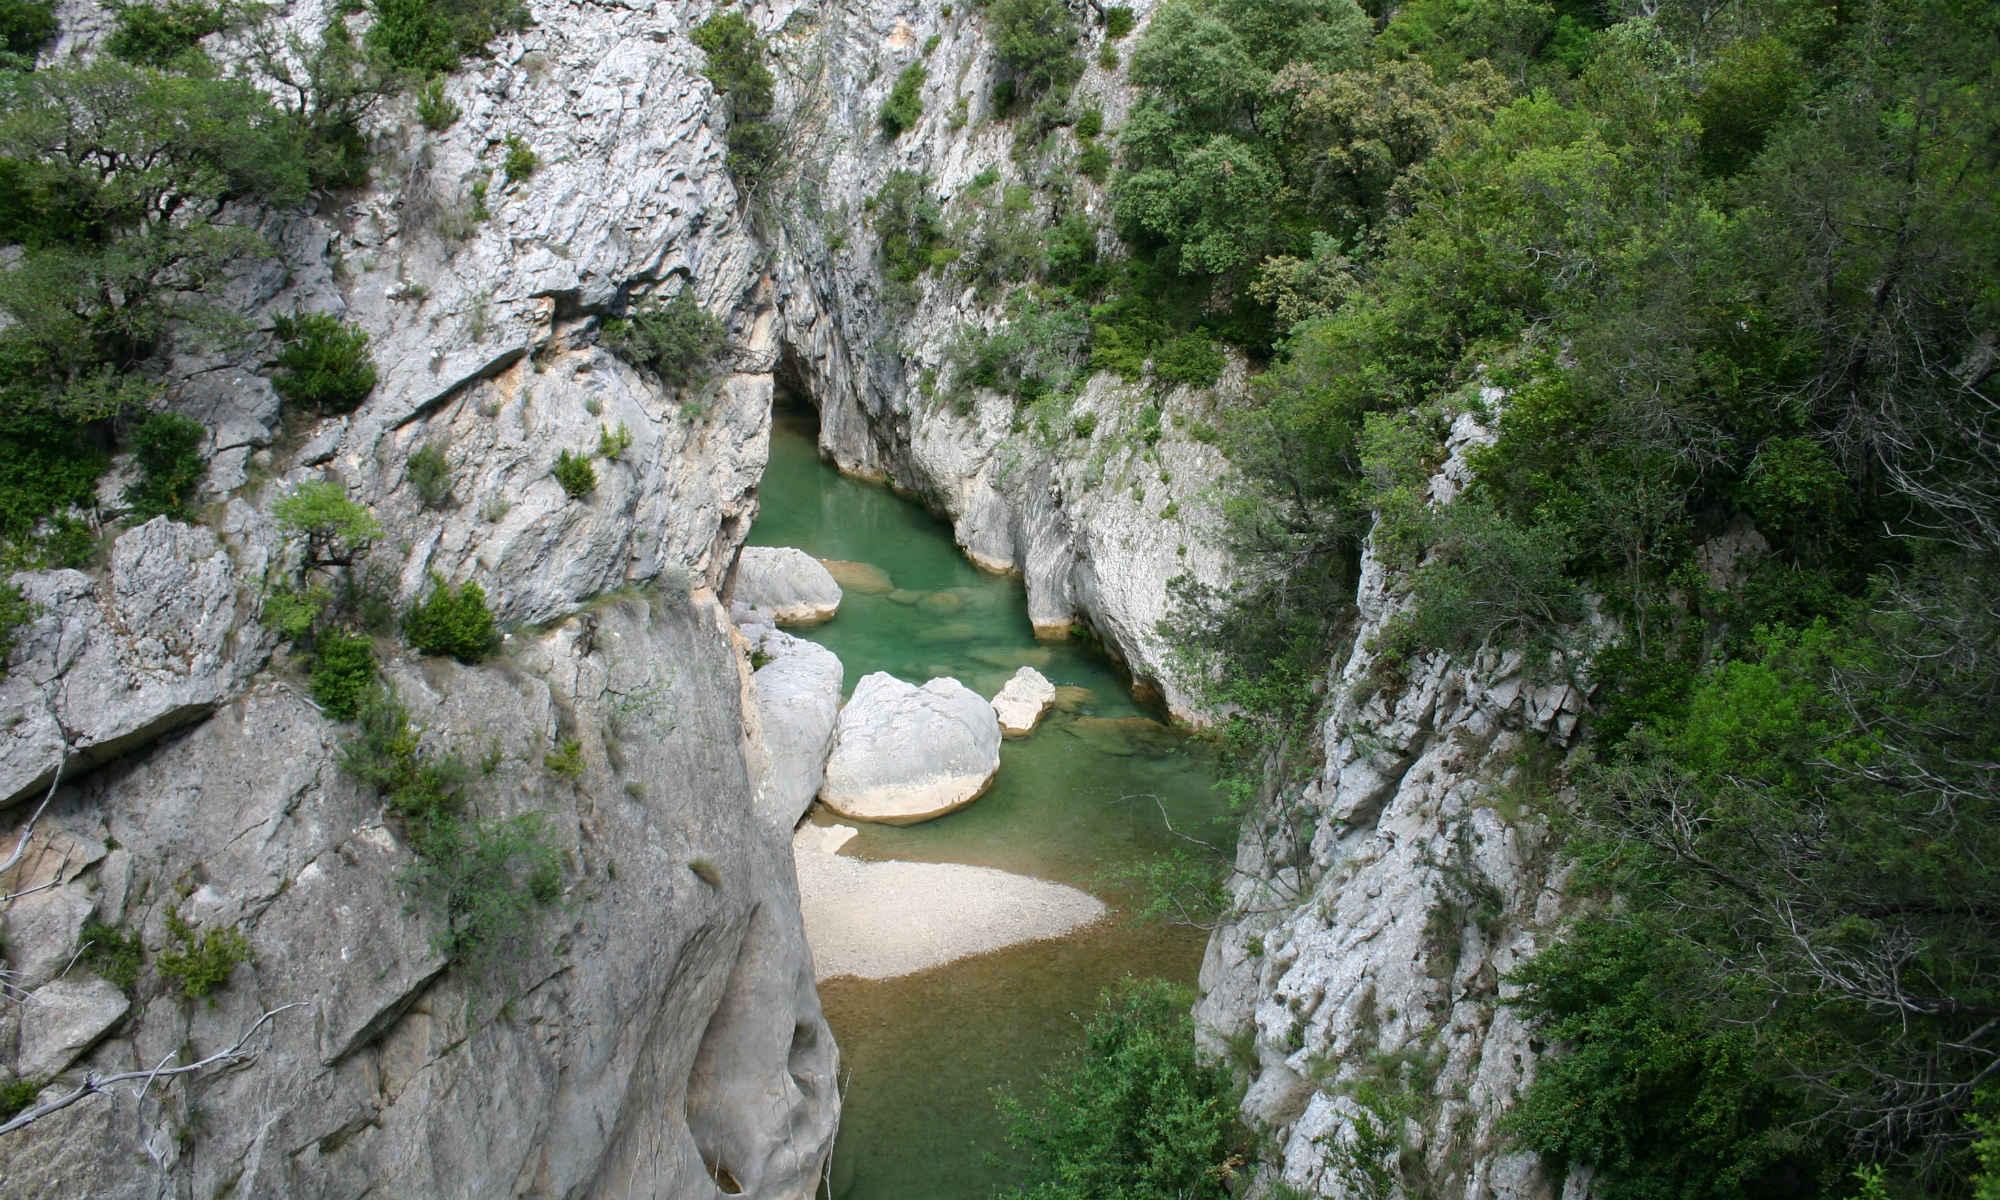 Il canyon Sierra de Guara si dirama mostrando massi chiari e acqua verde.